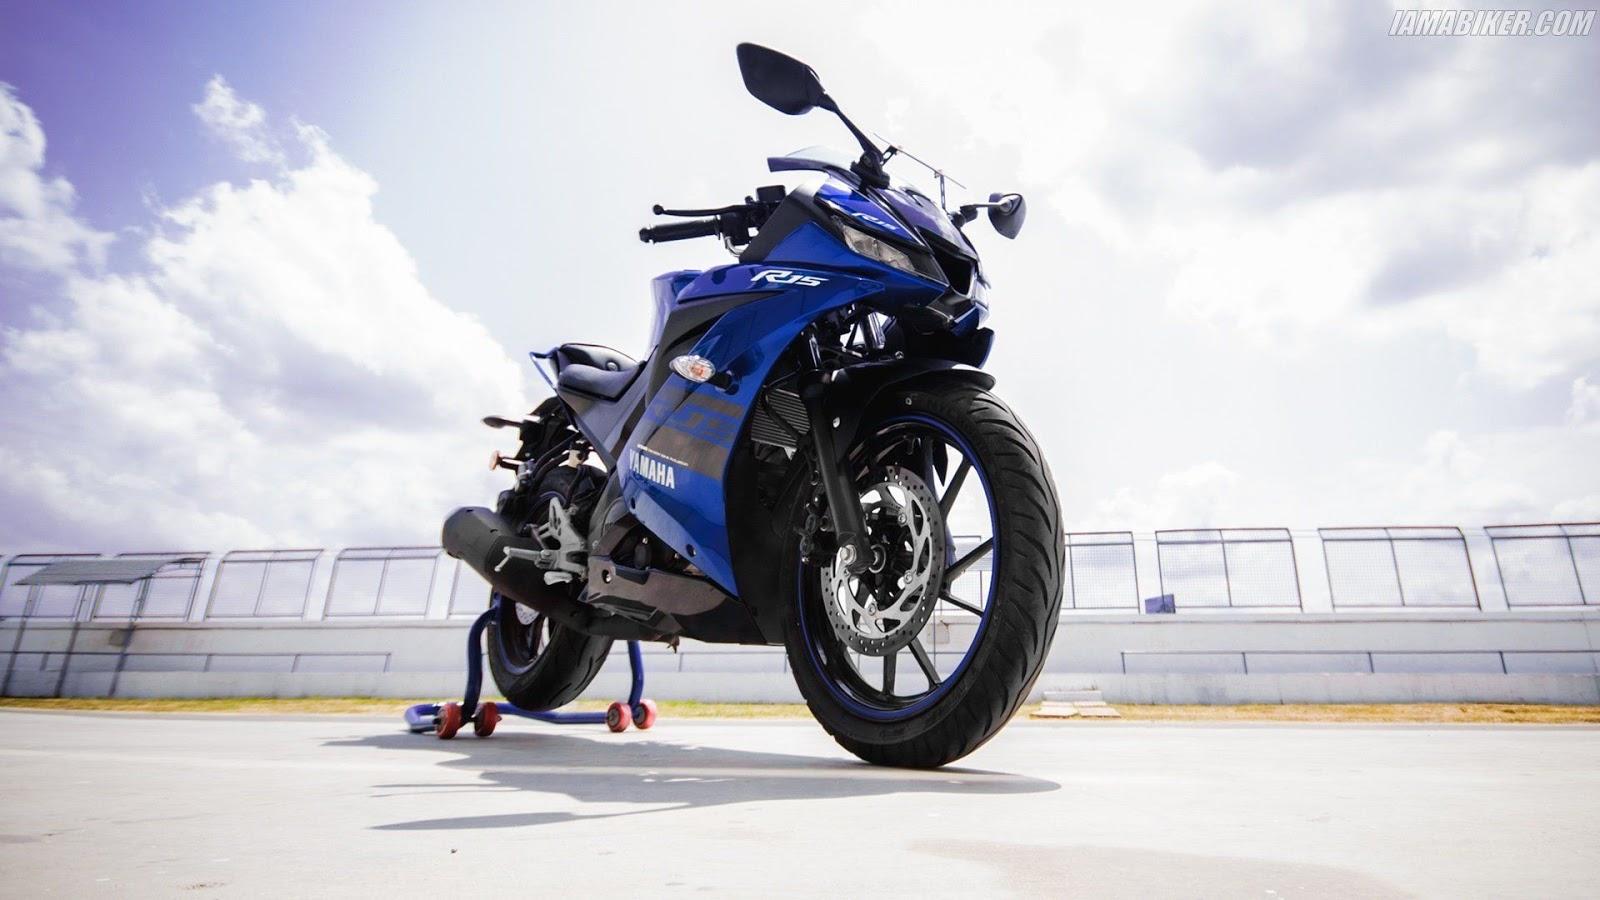 Gambar Yamaha R15 V3 kualitas HD - 1